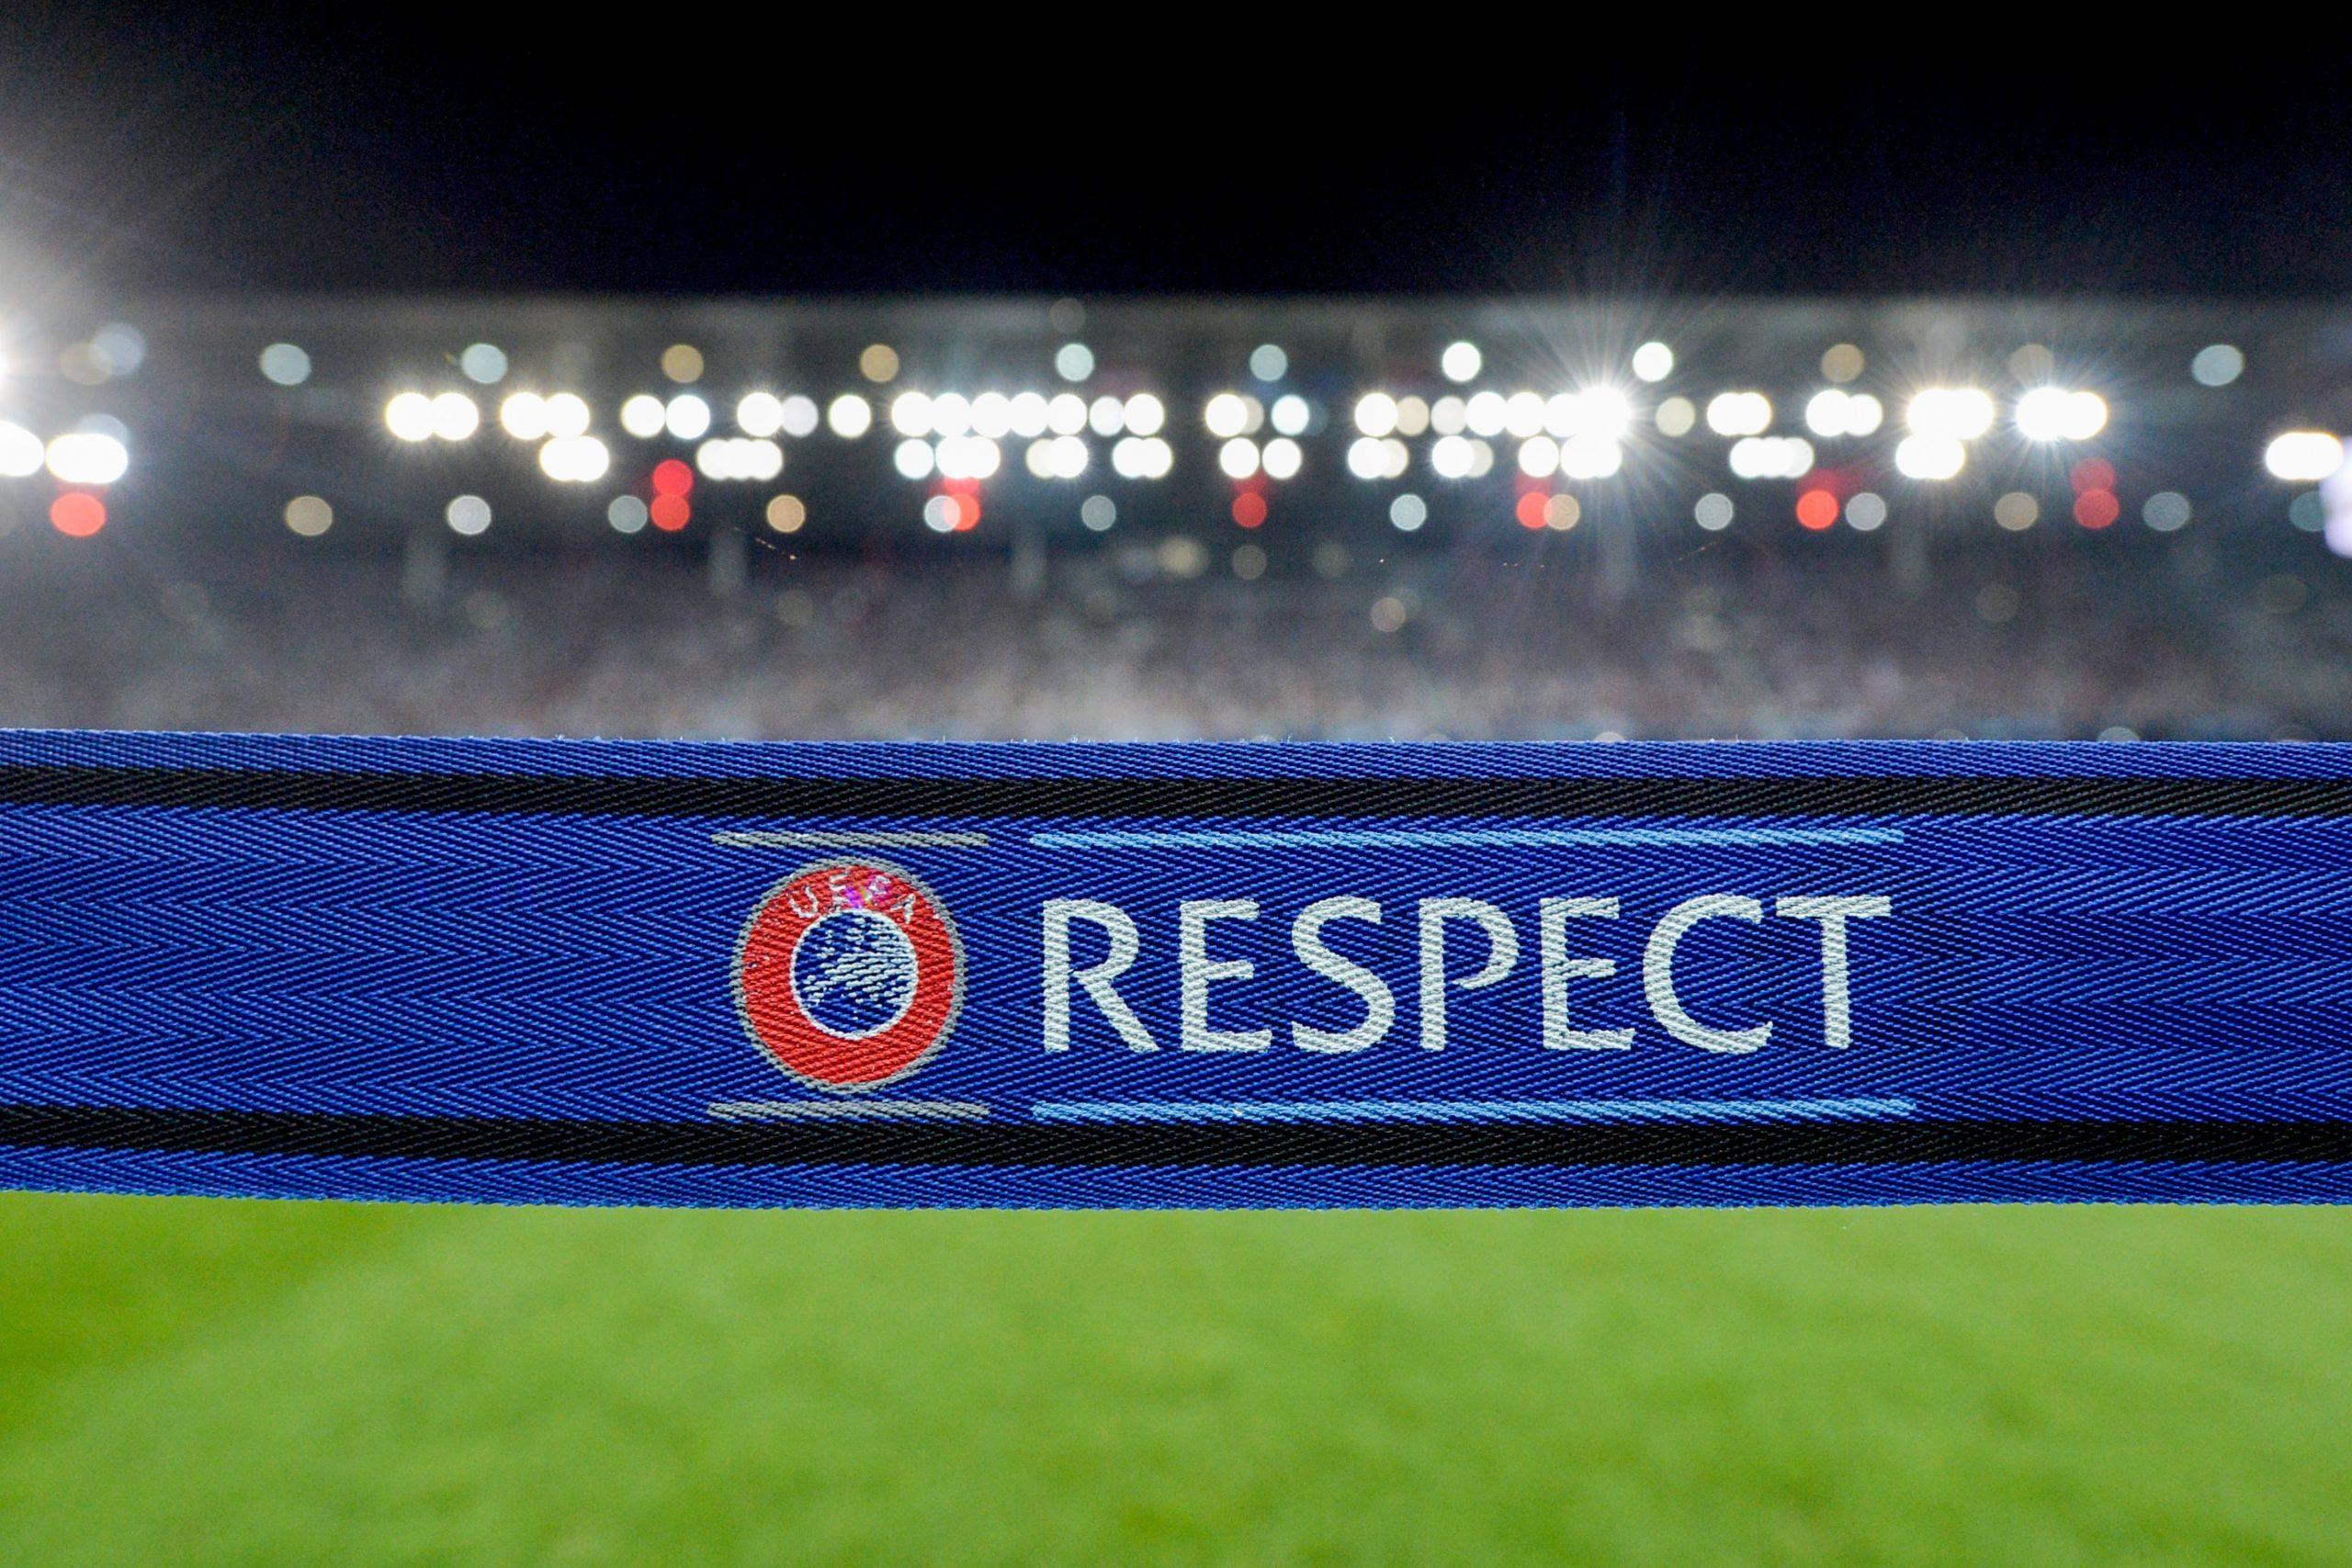 Ligue 1 sera suspendue, Ligue des Champions et Europa League probablement modifiées selon L'Equipe